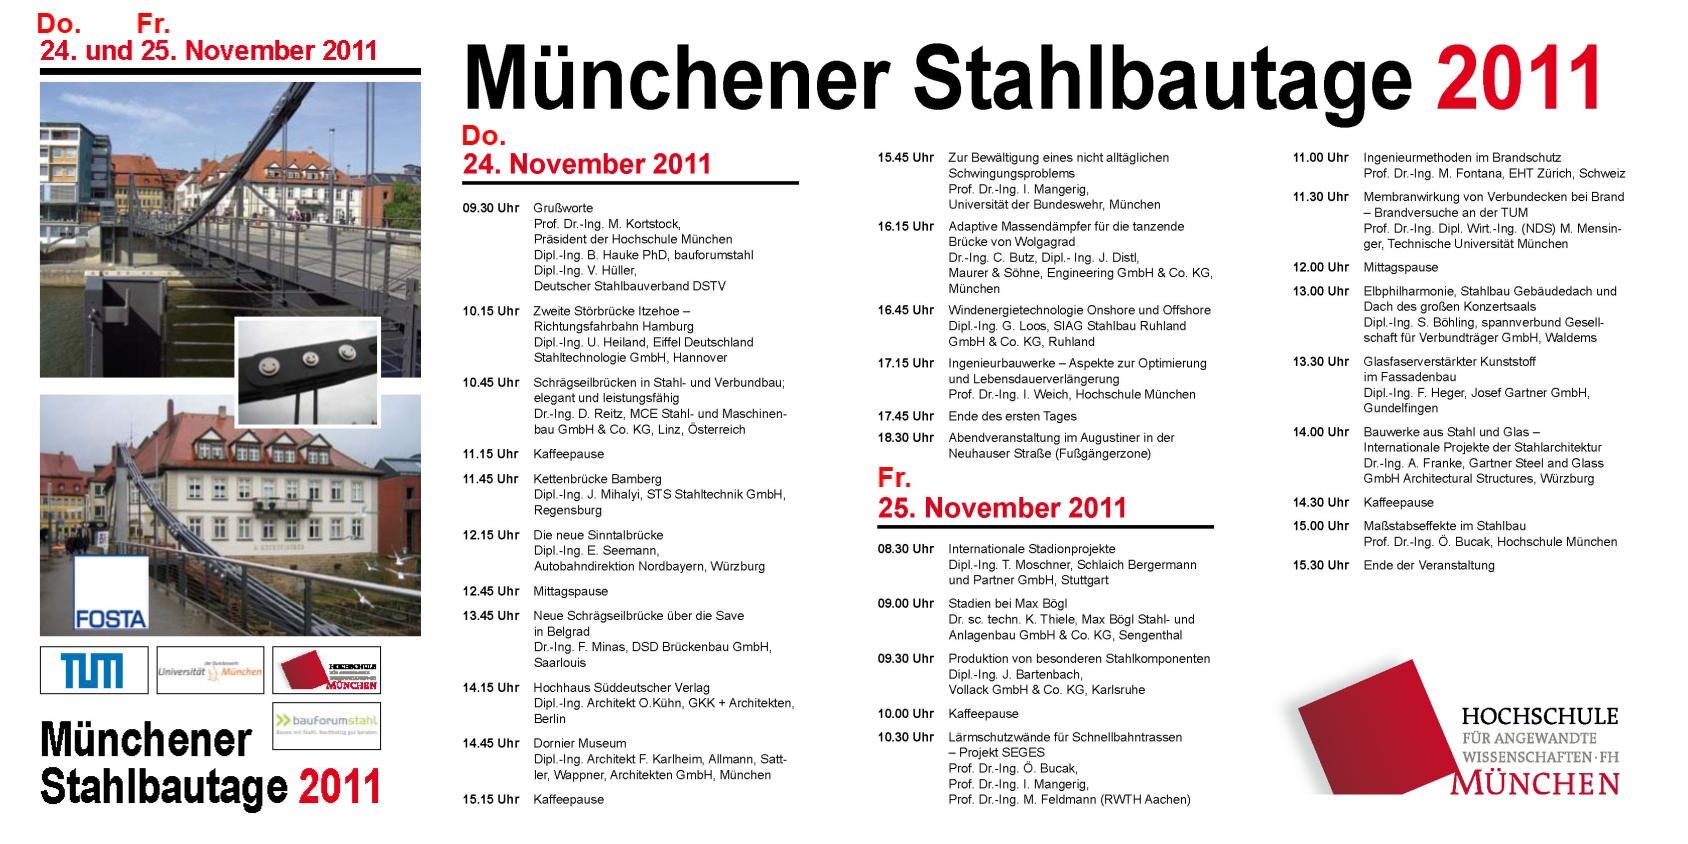 Fachtagung Münchner Stahlbautage am. Do., 24.11 und Fr., 25.11.2011 an der  Hochschule München - Flyer + Anmeldung hier -